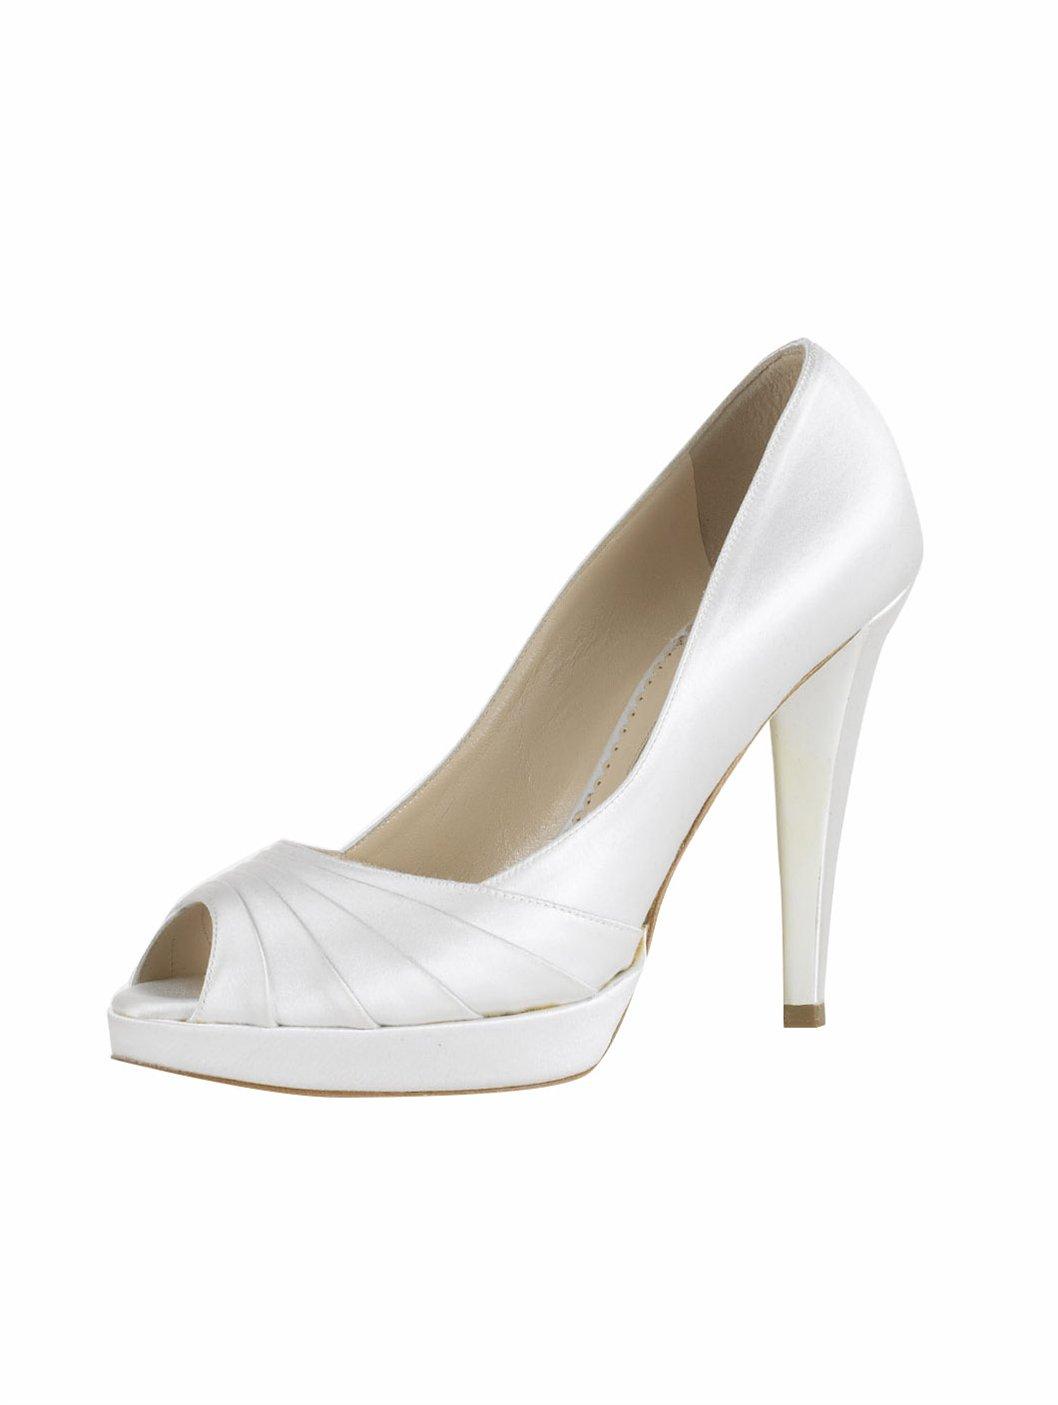 Oscar De La Renta Bridal Shoes Uk